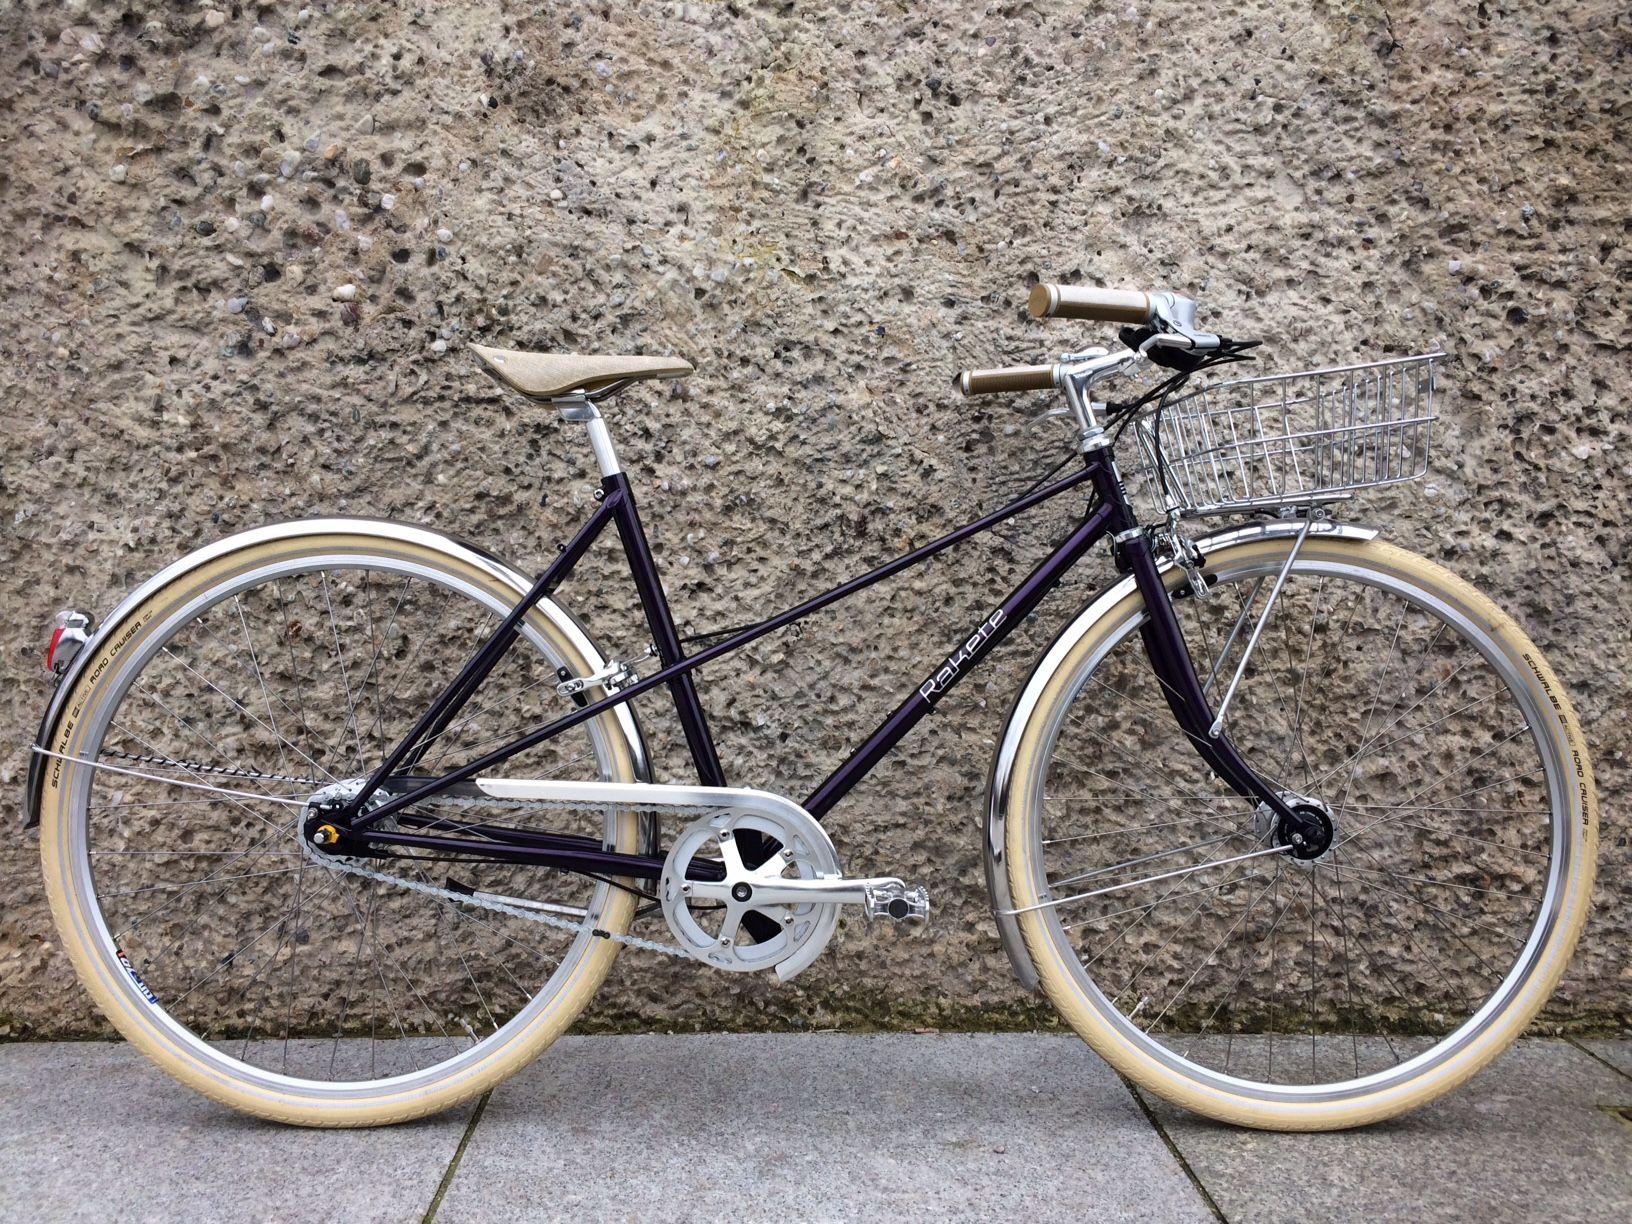 RAKETE Mixte in Lila-metallic mit Gilles Berthoud Schutzblechen und front Gepäckträger mit passendem Korb - Rakete Fahrräder